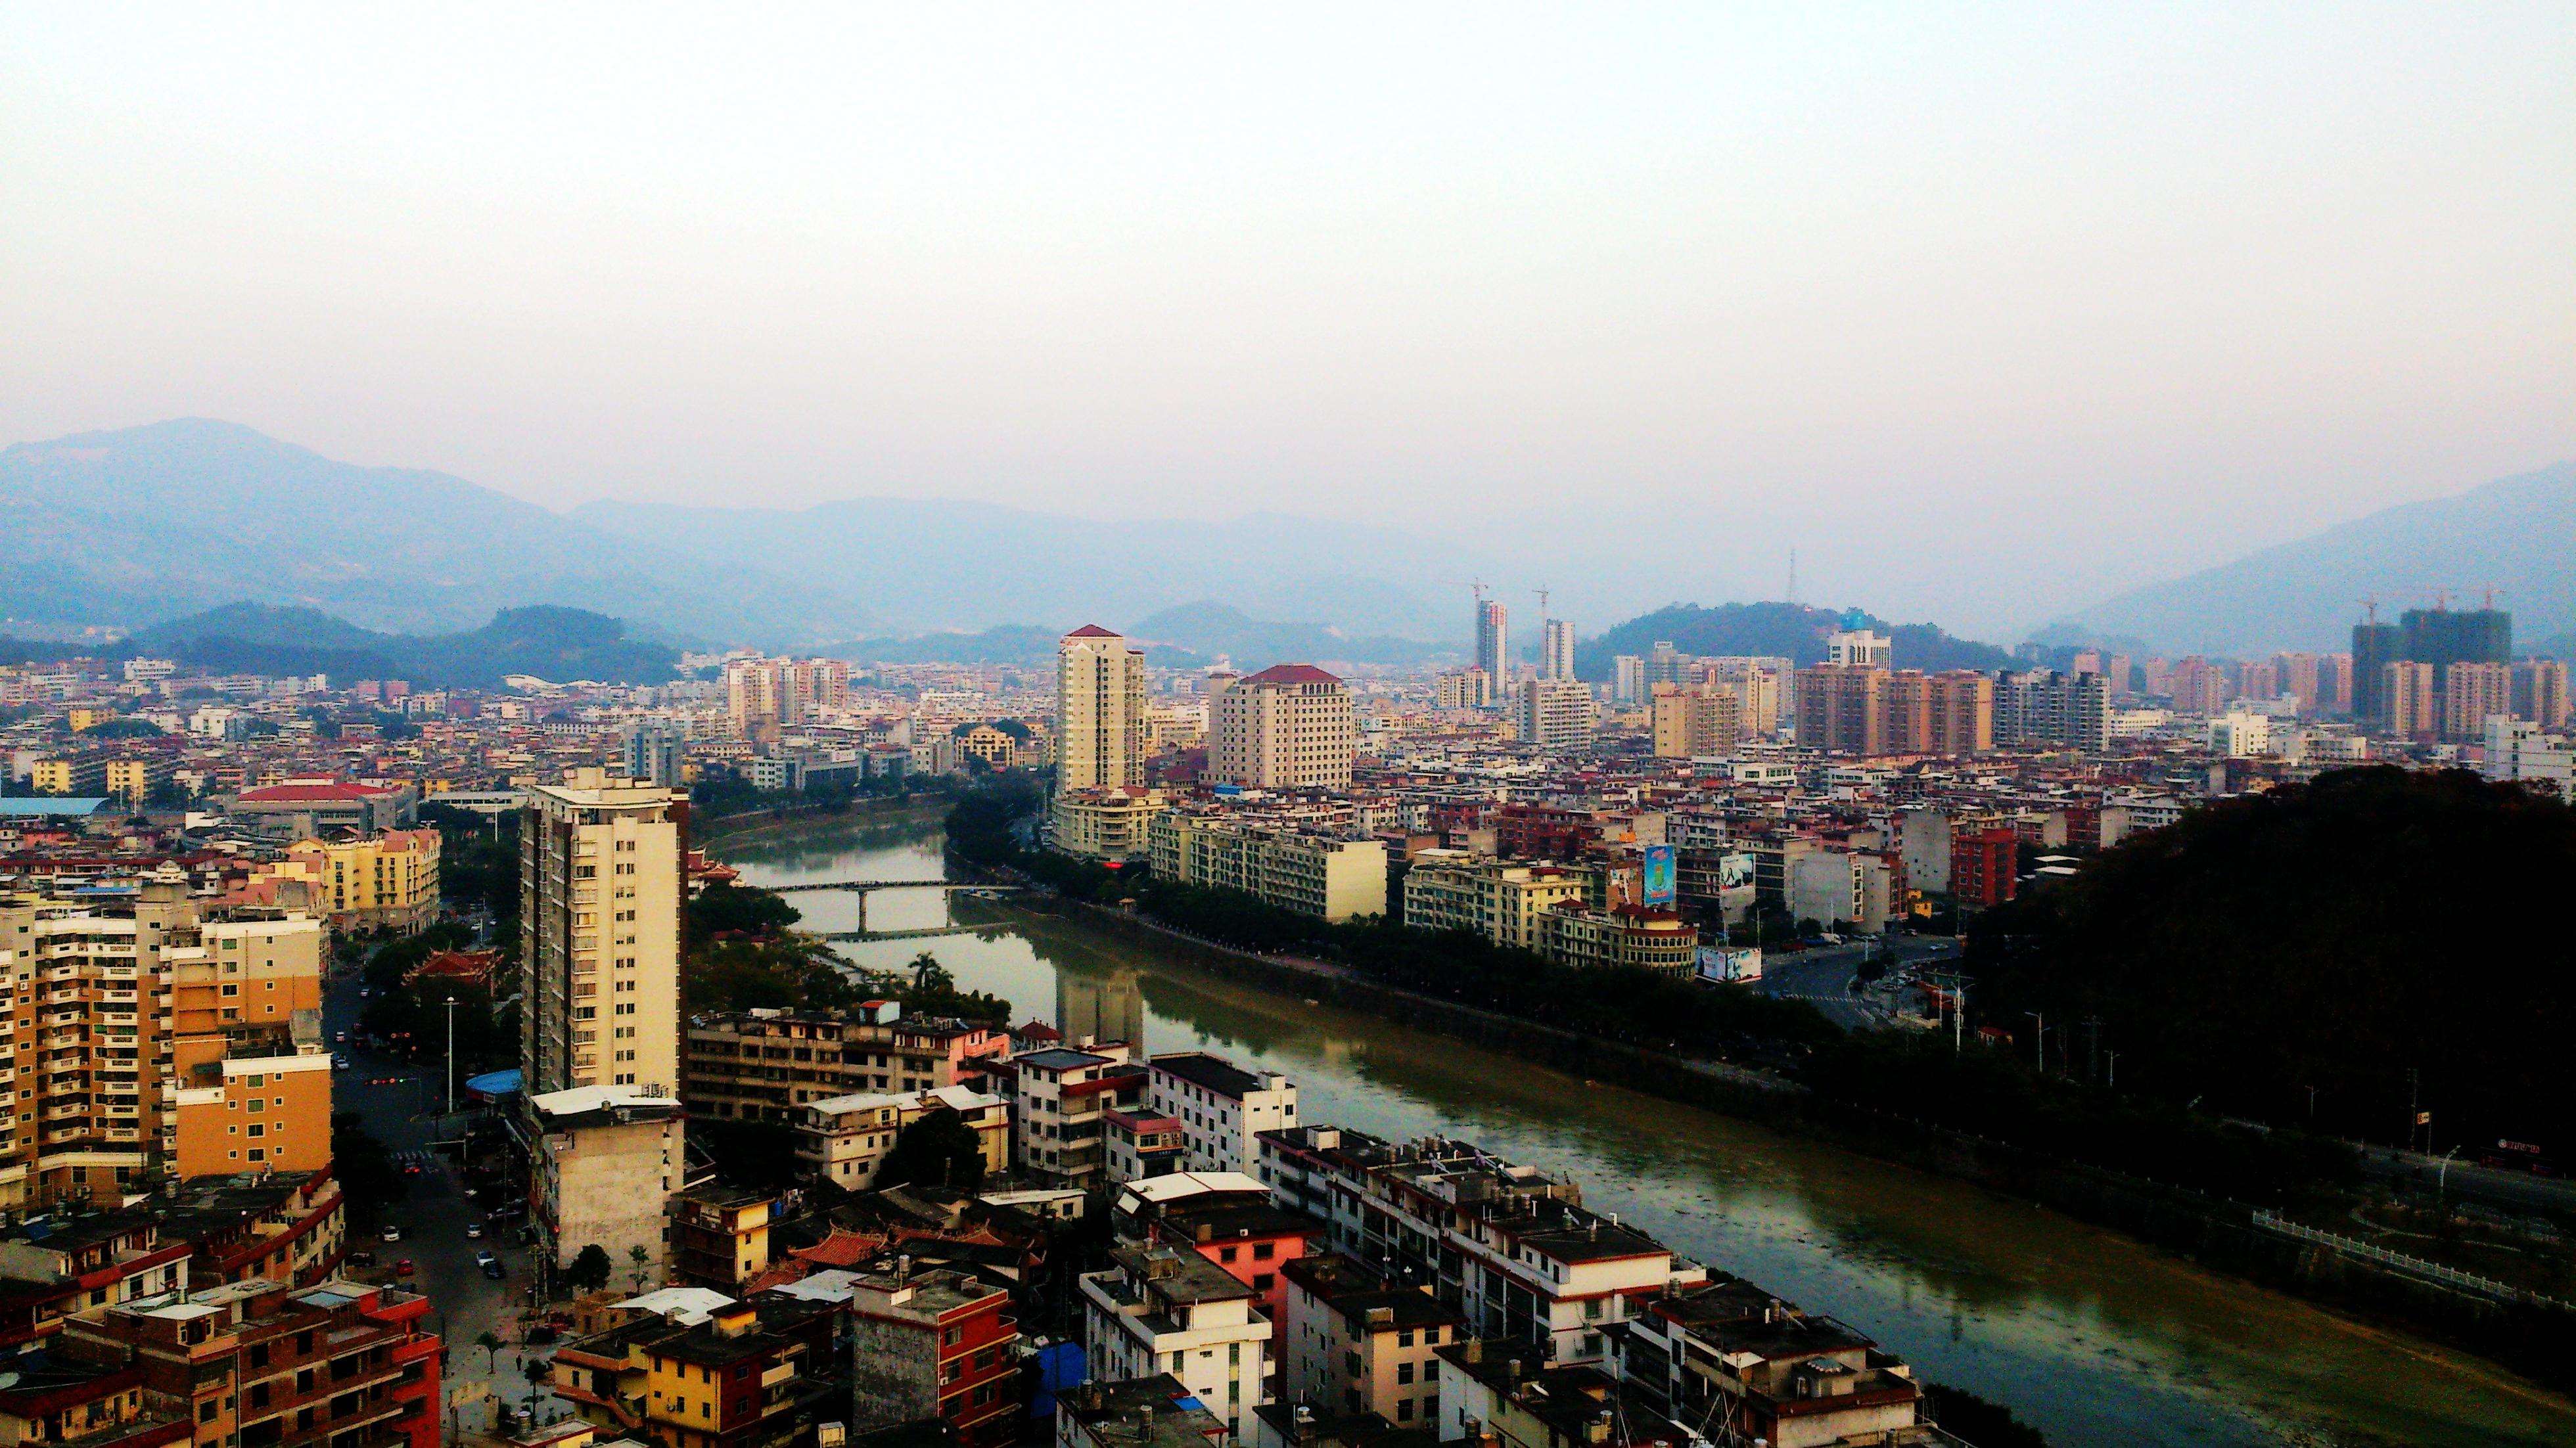 Yongchun County Wikipedia